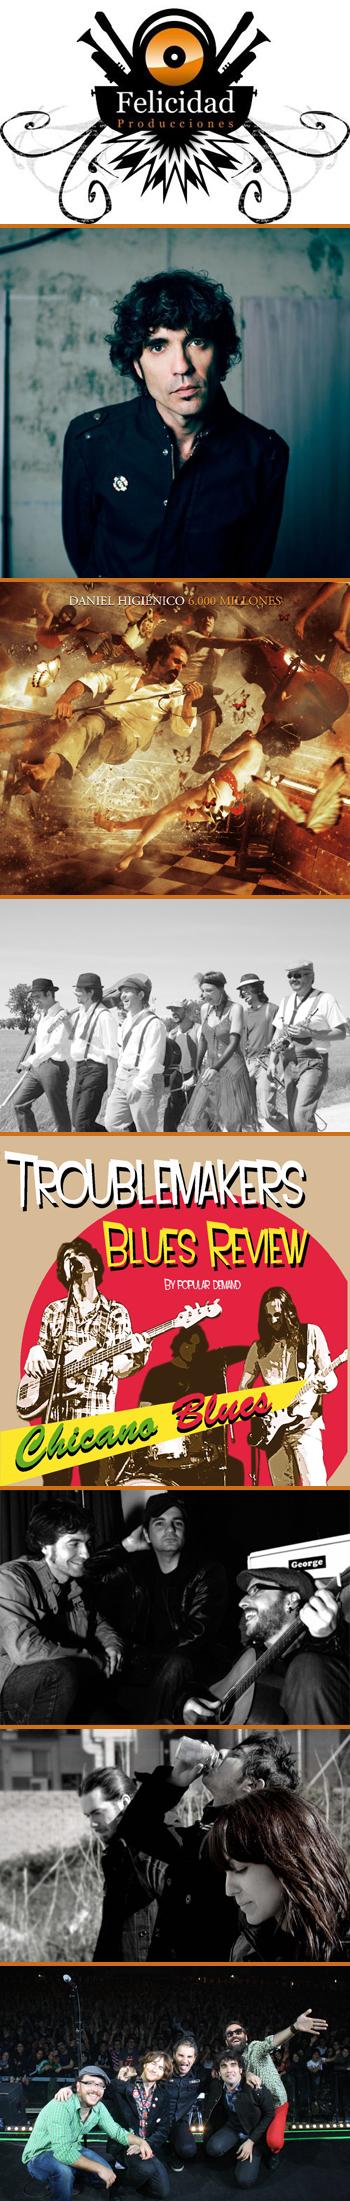 Los artistas de Felicidad Producciones: Lichis, Daniel Higiénico, Los Fulanos y La Mengana Band, Troublemakers Blues Review, Chivo Chivato, Gatonieve y La Cabra Mecánica